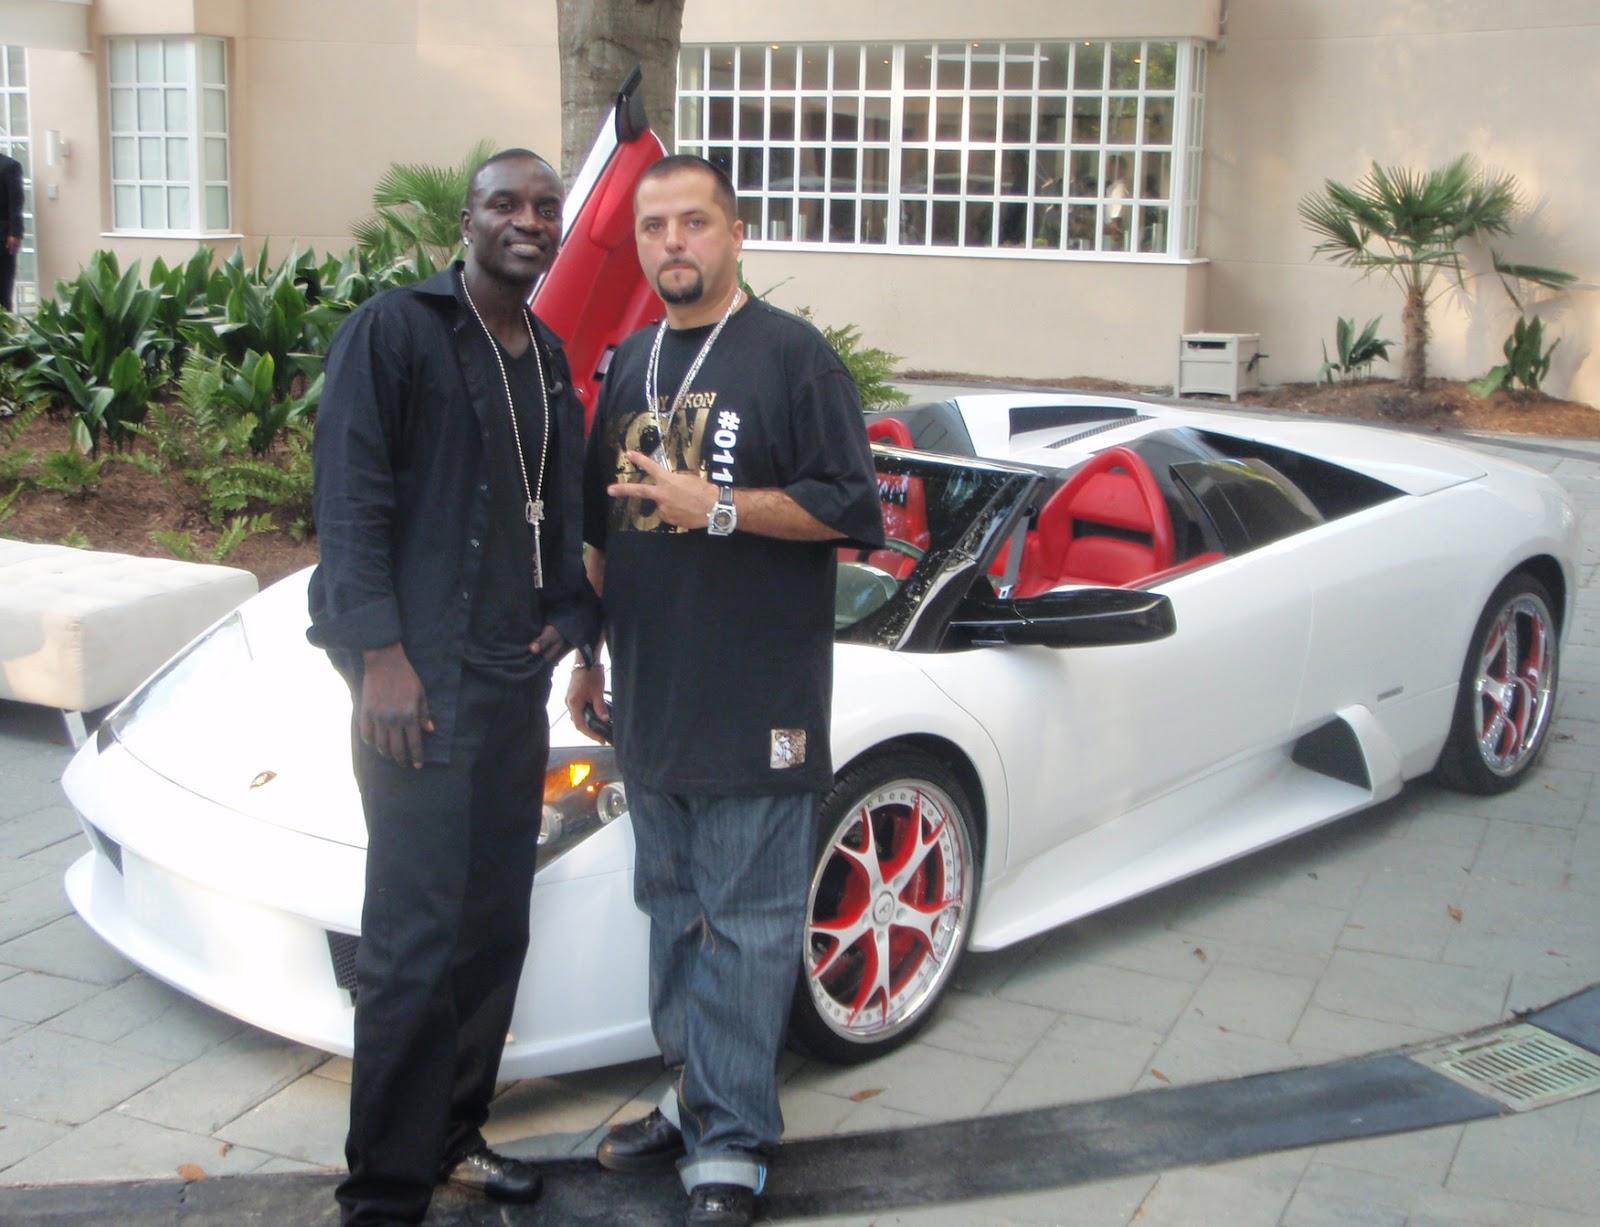 http://2.bp.blogspot.com/-fSChpQs4OiM/UOgmz1fr5jI/AAAAAAAAAhs/XSIrTlzgefE/s1600/Car+Akon+1.jpg